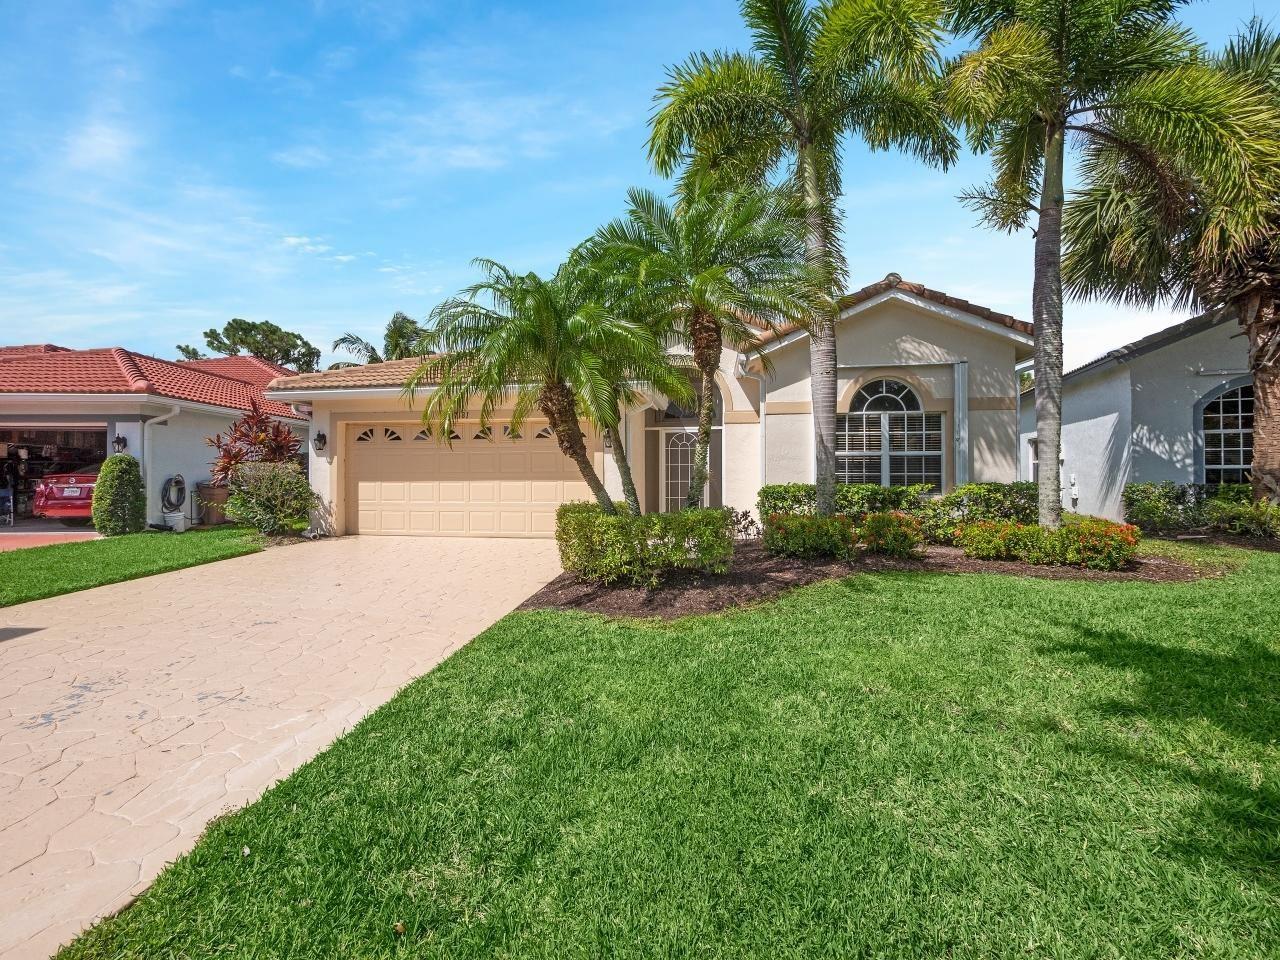 7181 SE Magellan Lane, Stuart, FL 34997 - #: RX-10732706